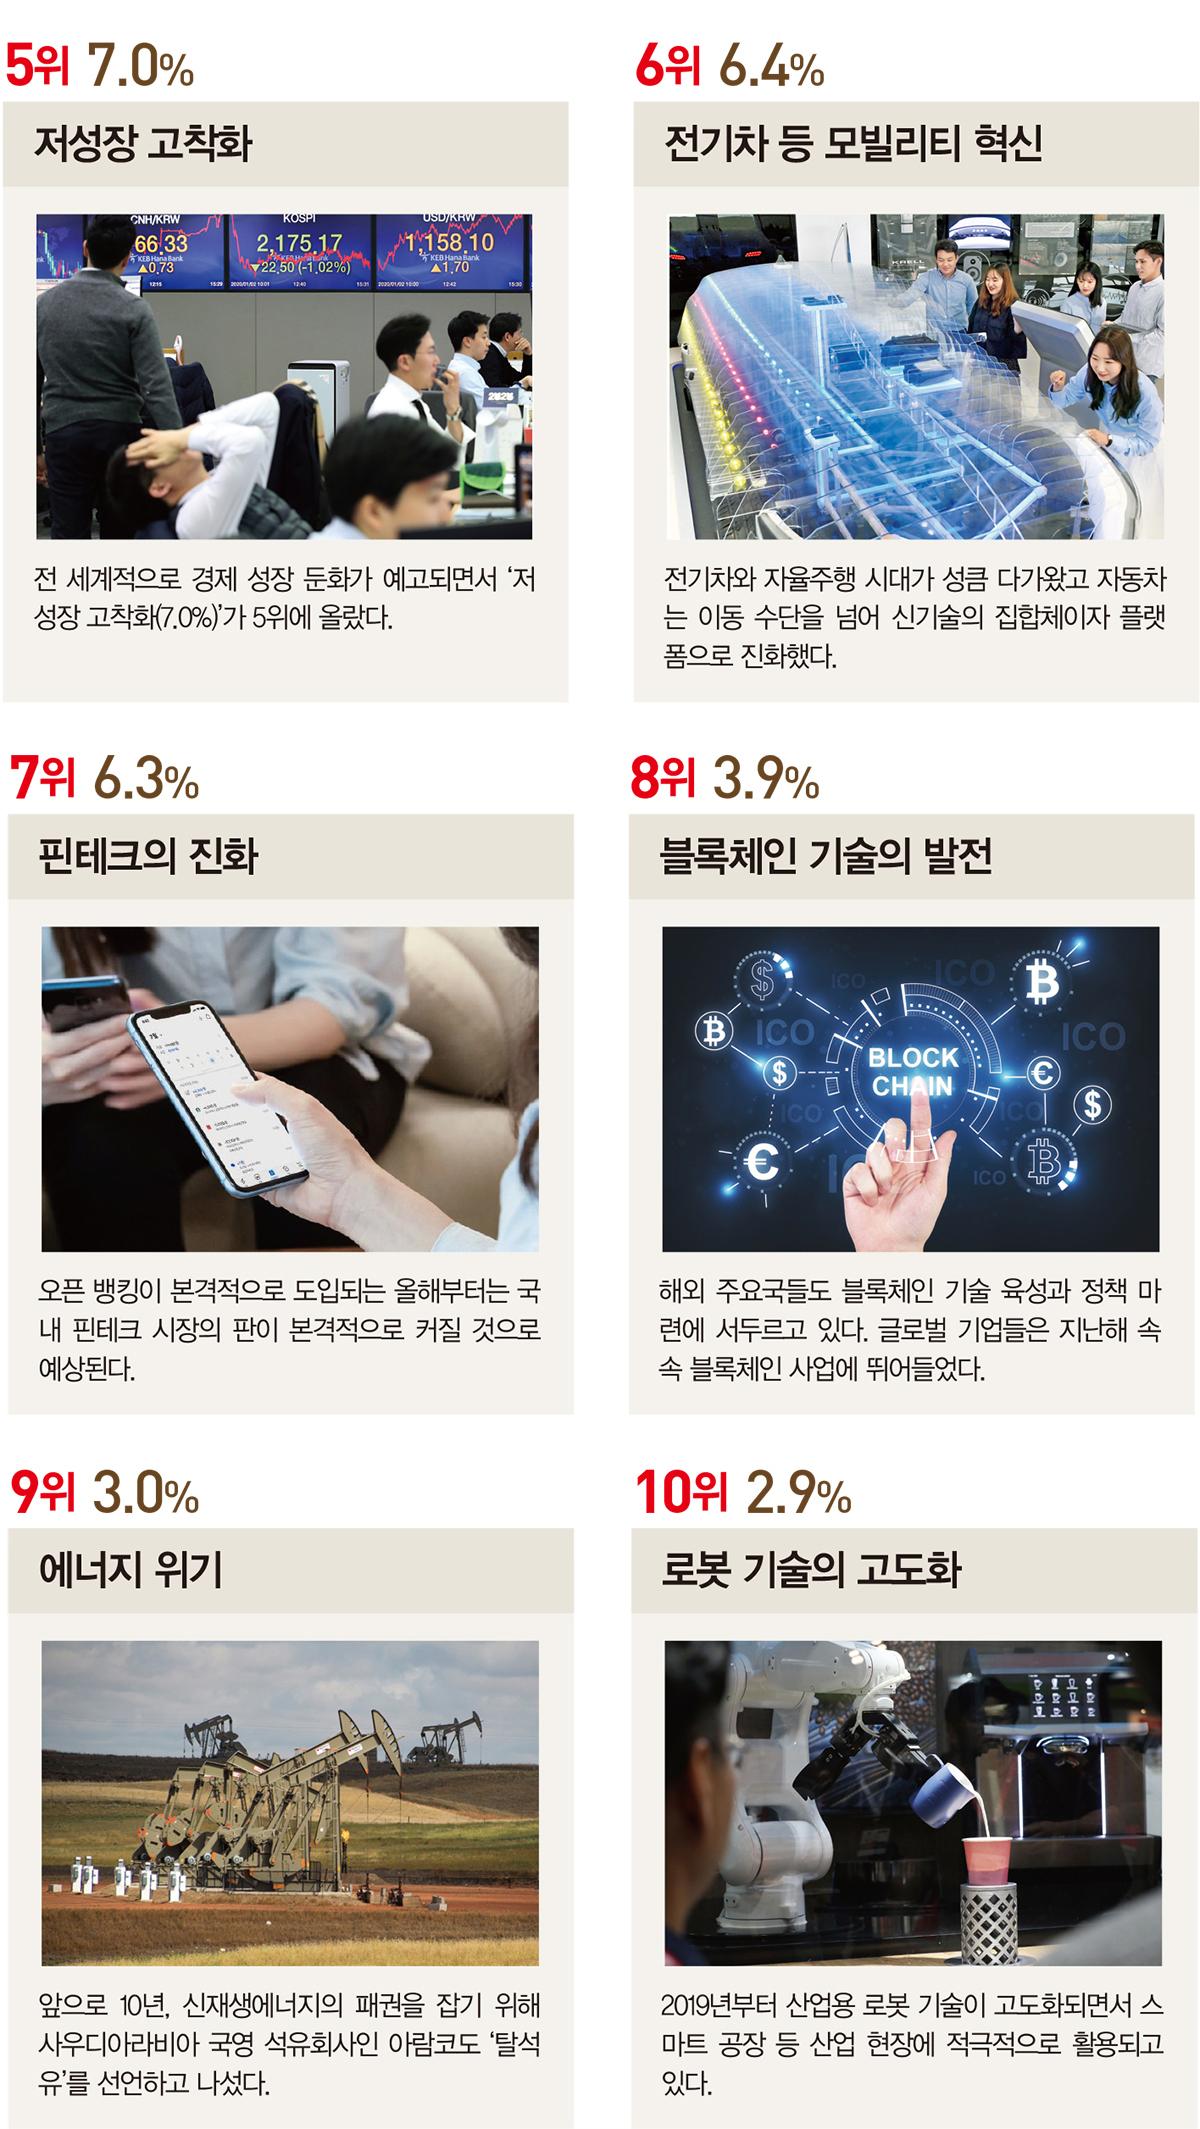 [뉴 밀레니엄 20년] 10년 후 한국의 미래는 '인공지능'에 달렸다